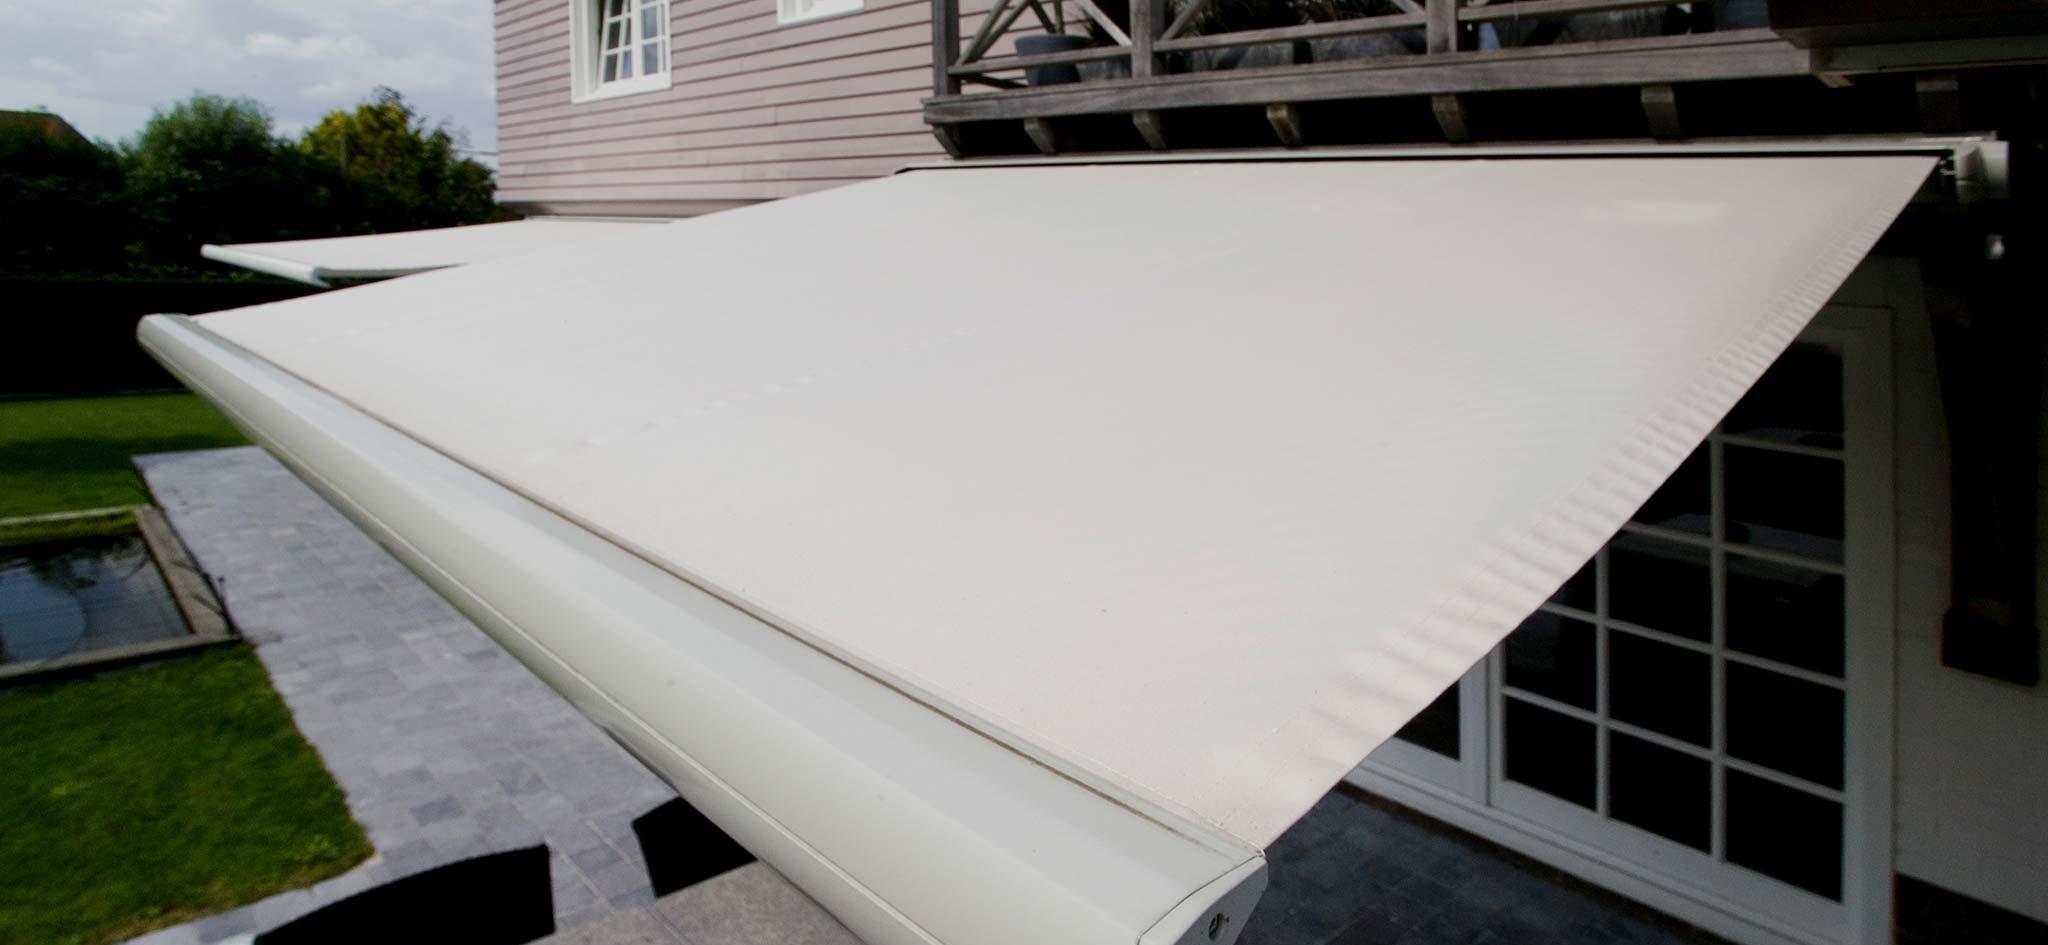 Markise 3 meter breit trendy tolle markise meter free x m Markise terasse breit